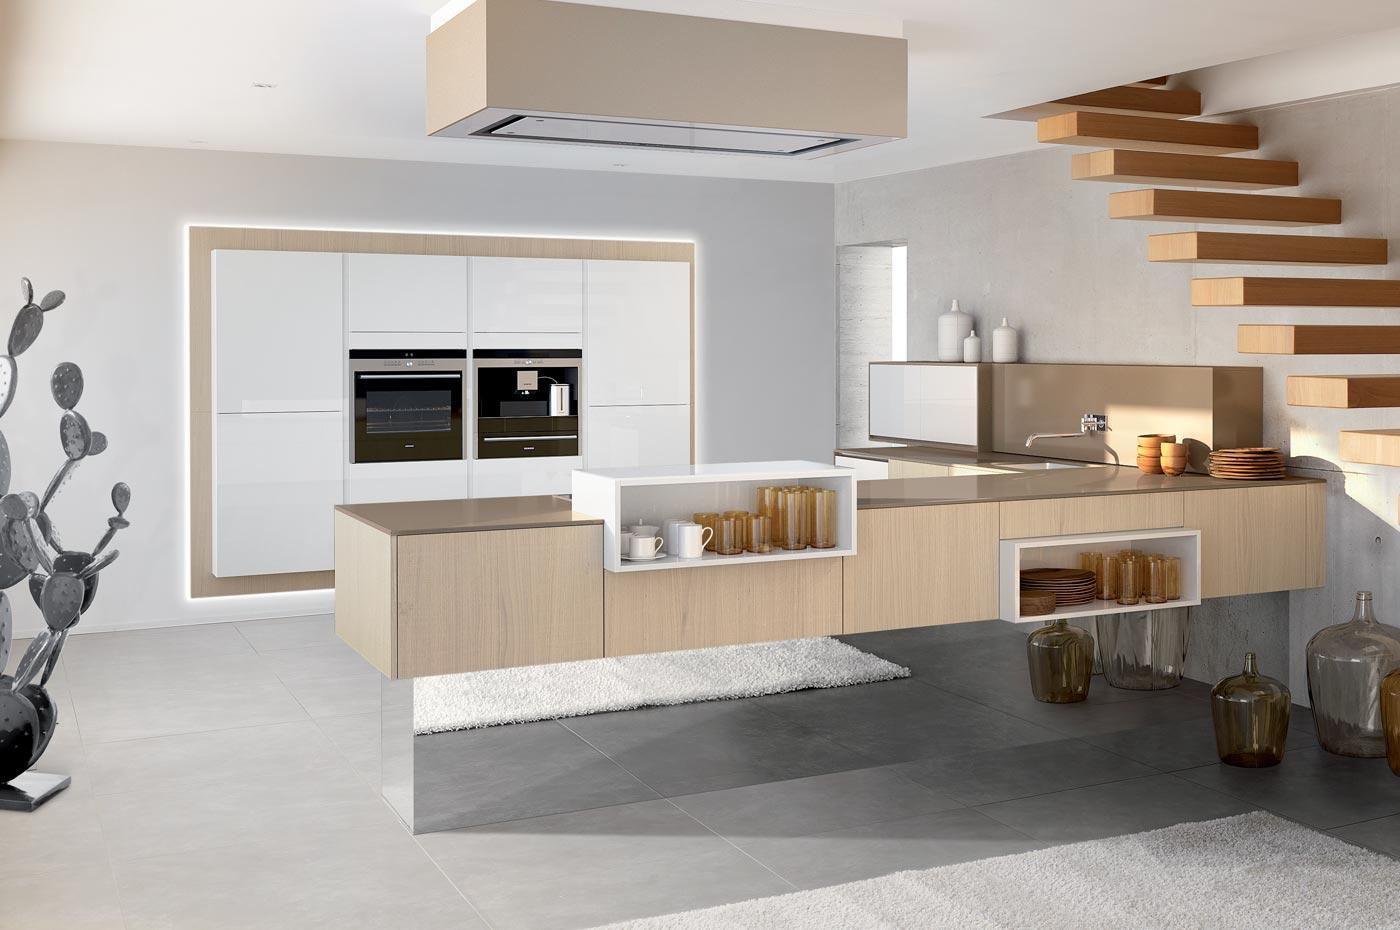 Faure agencement perene lyon cuisines salle de bains for Agencement cuisine salon